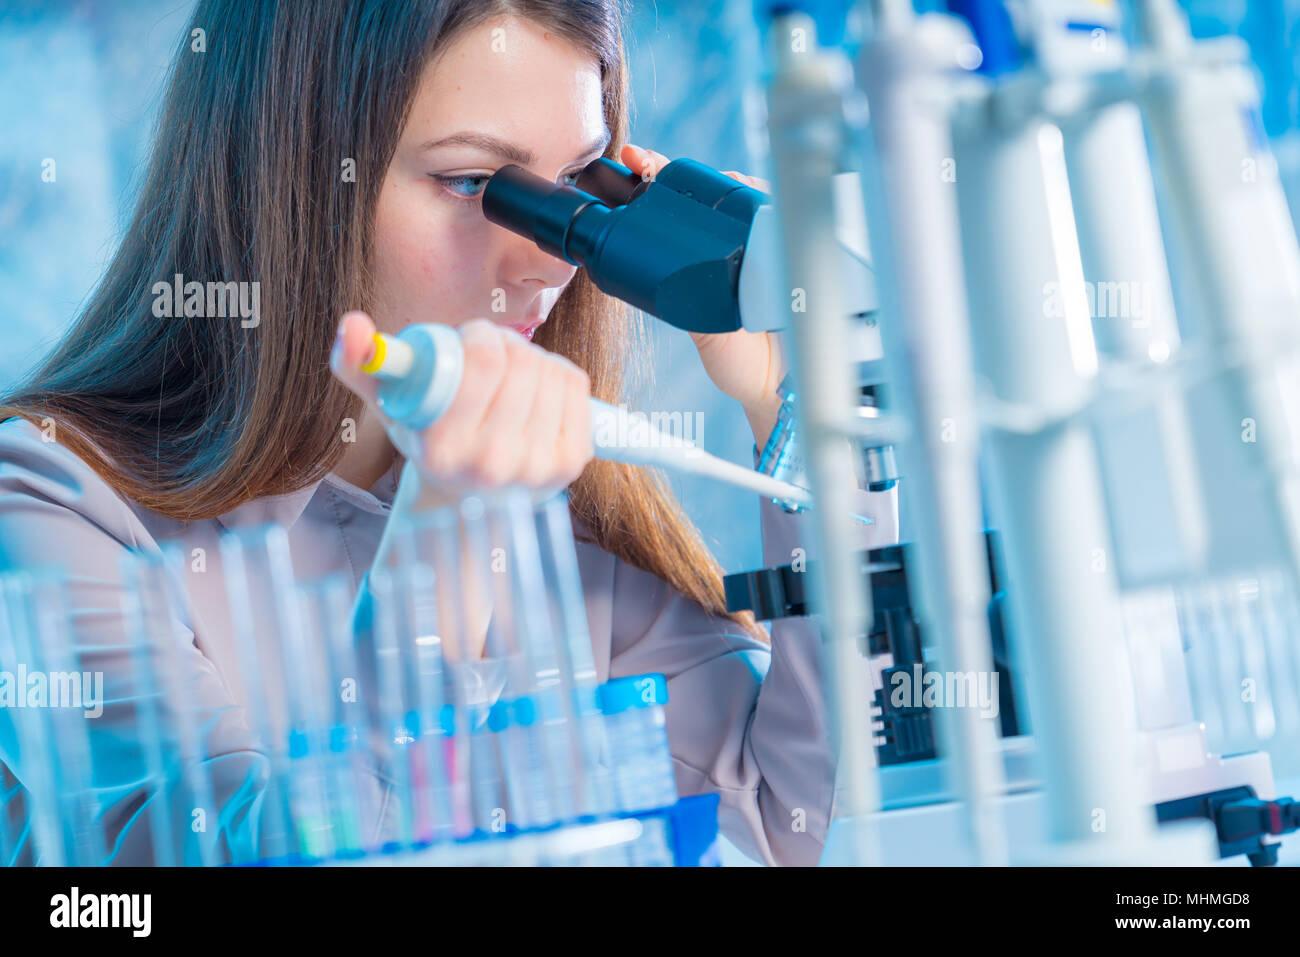 Junge Chemiker im Labor. Wissenschaftler mit Mikroskop im Labor Stockbild